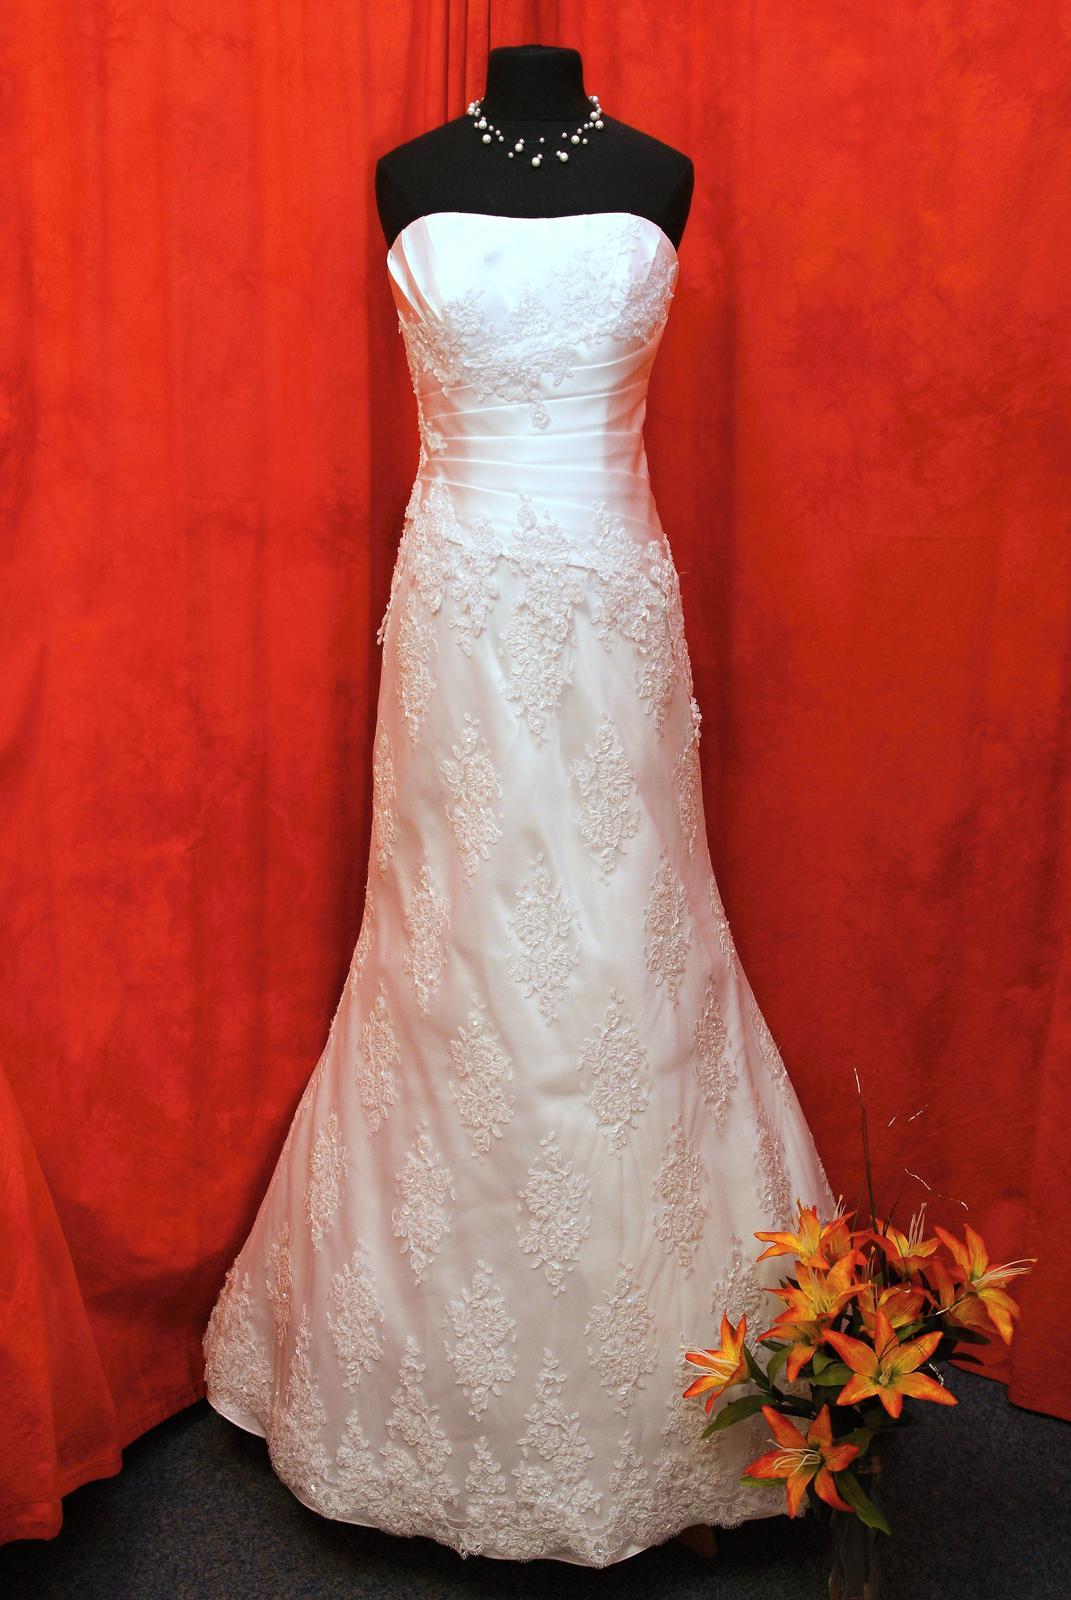 Výprodej svatebních šatů od 1500 Kč - Obrázek č. 9